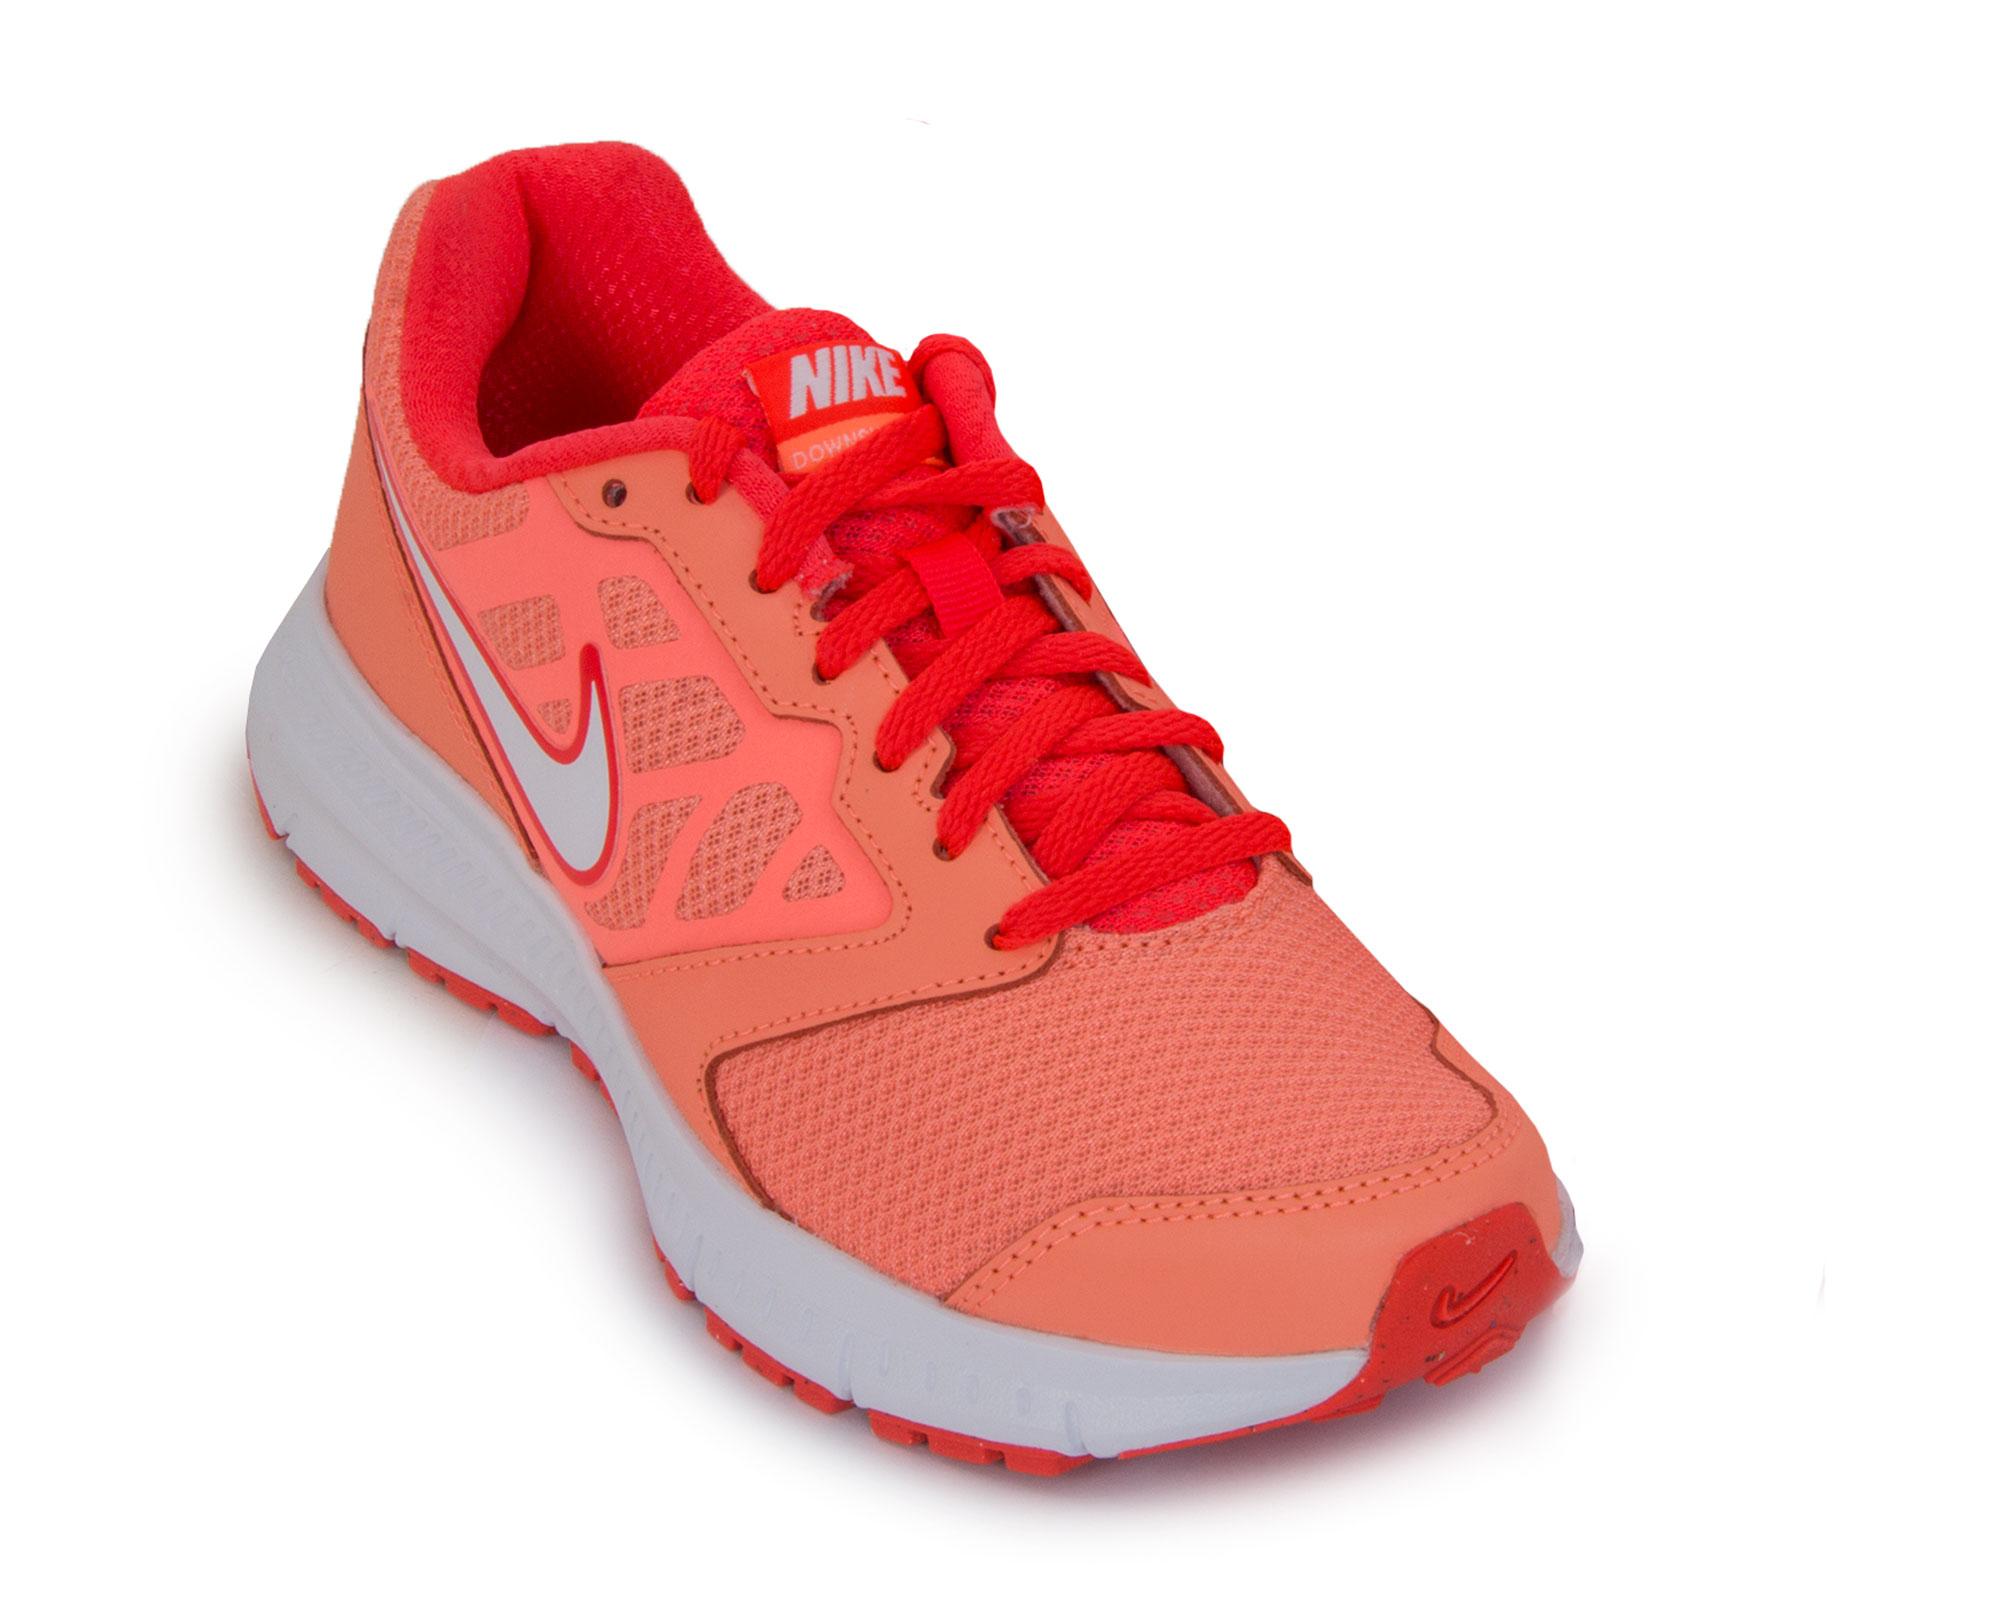 1c695706 Кроссовки женские Nike Downshifter 6 - Сеть спортивных магазинов Чемпион